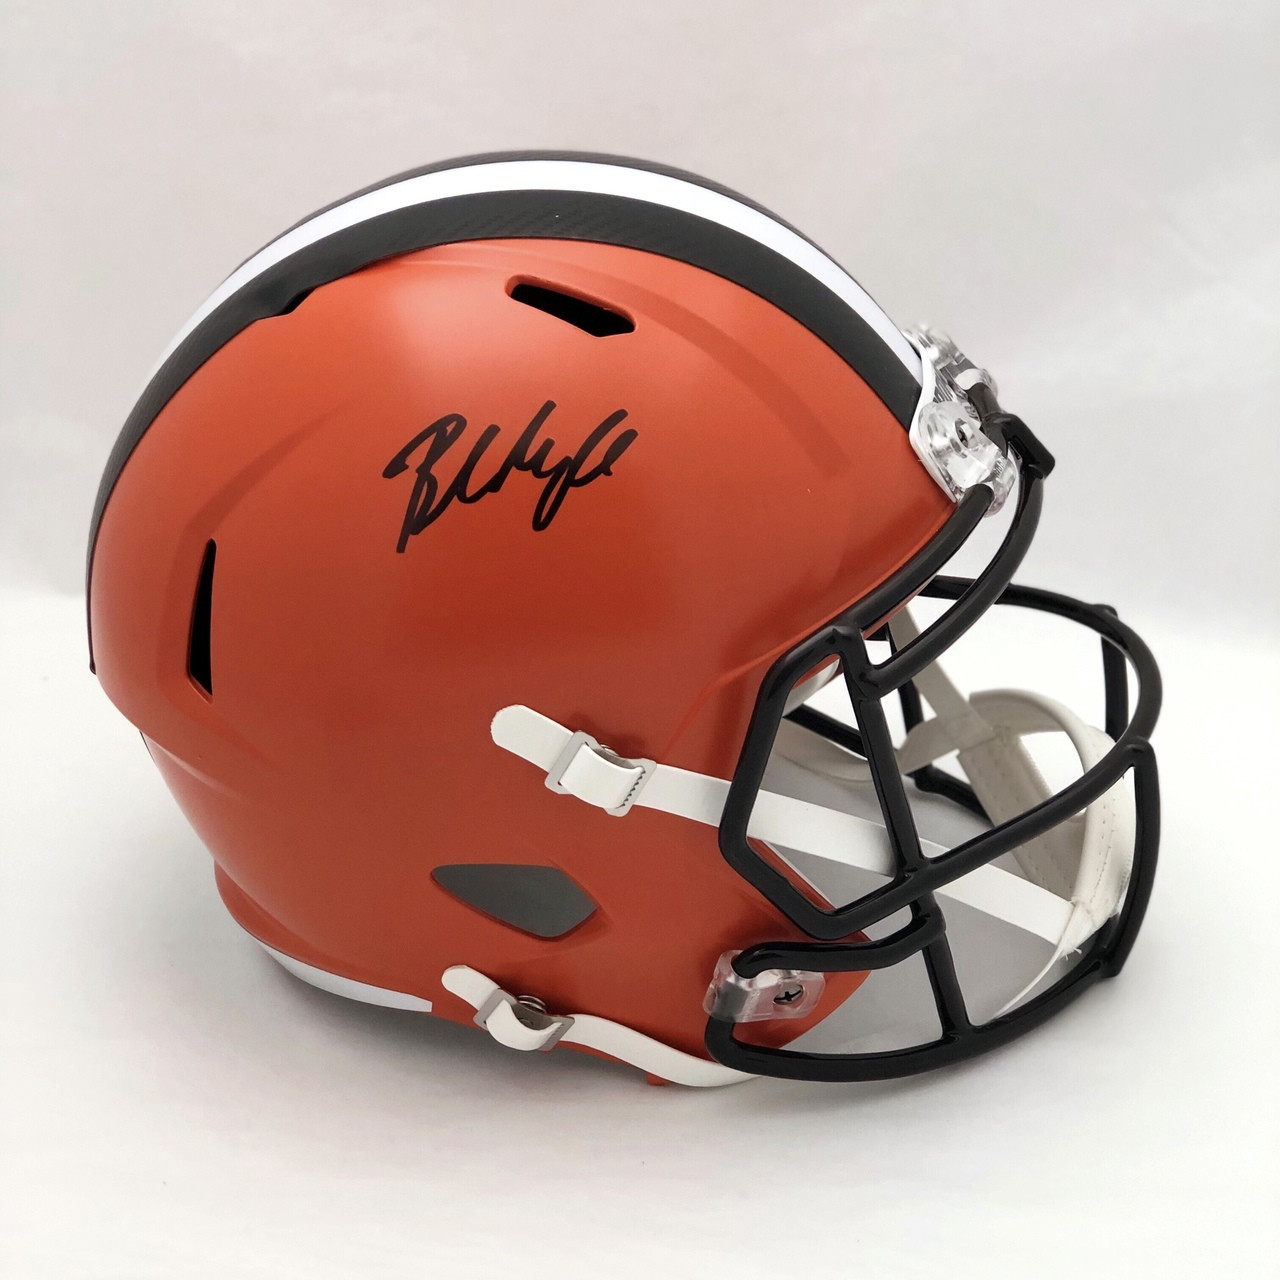 Baker Mayfield Cleveland Browns Autographed Replica Helmet - Beckett COA